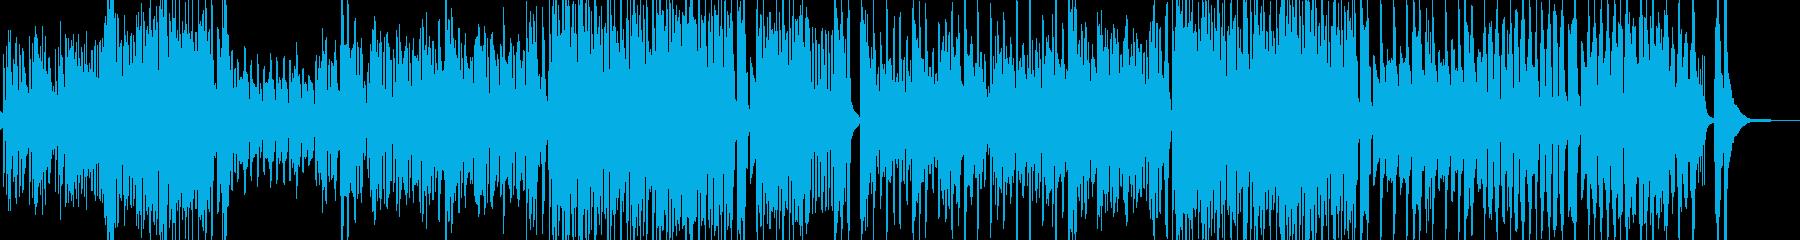 トランペット・活気豊かなマーチ・打楽器有の再生済みの波形